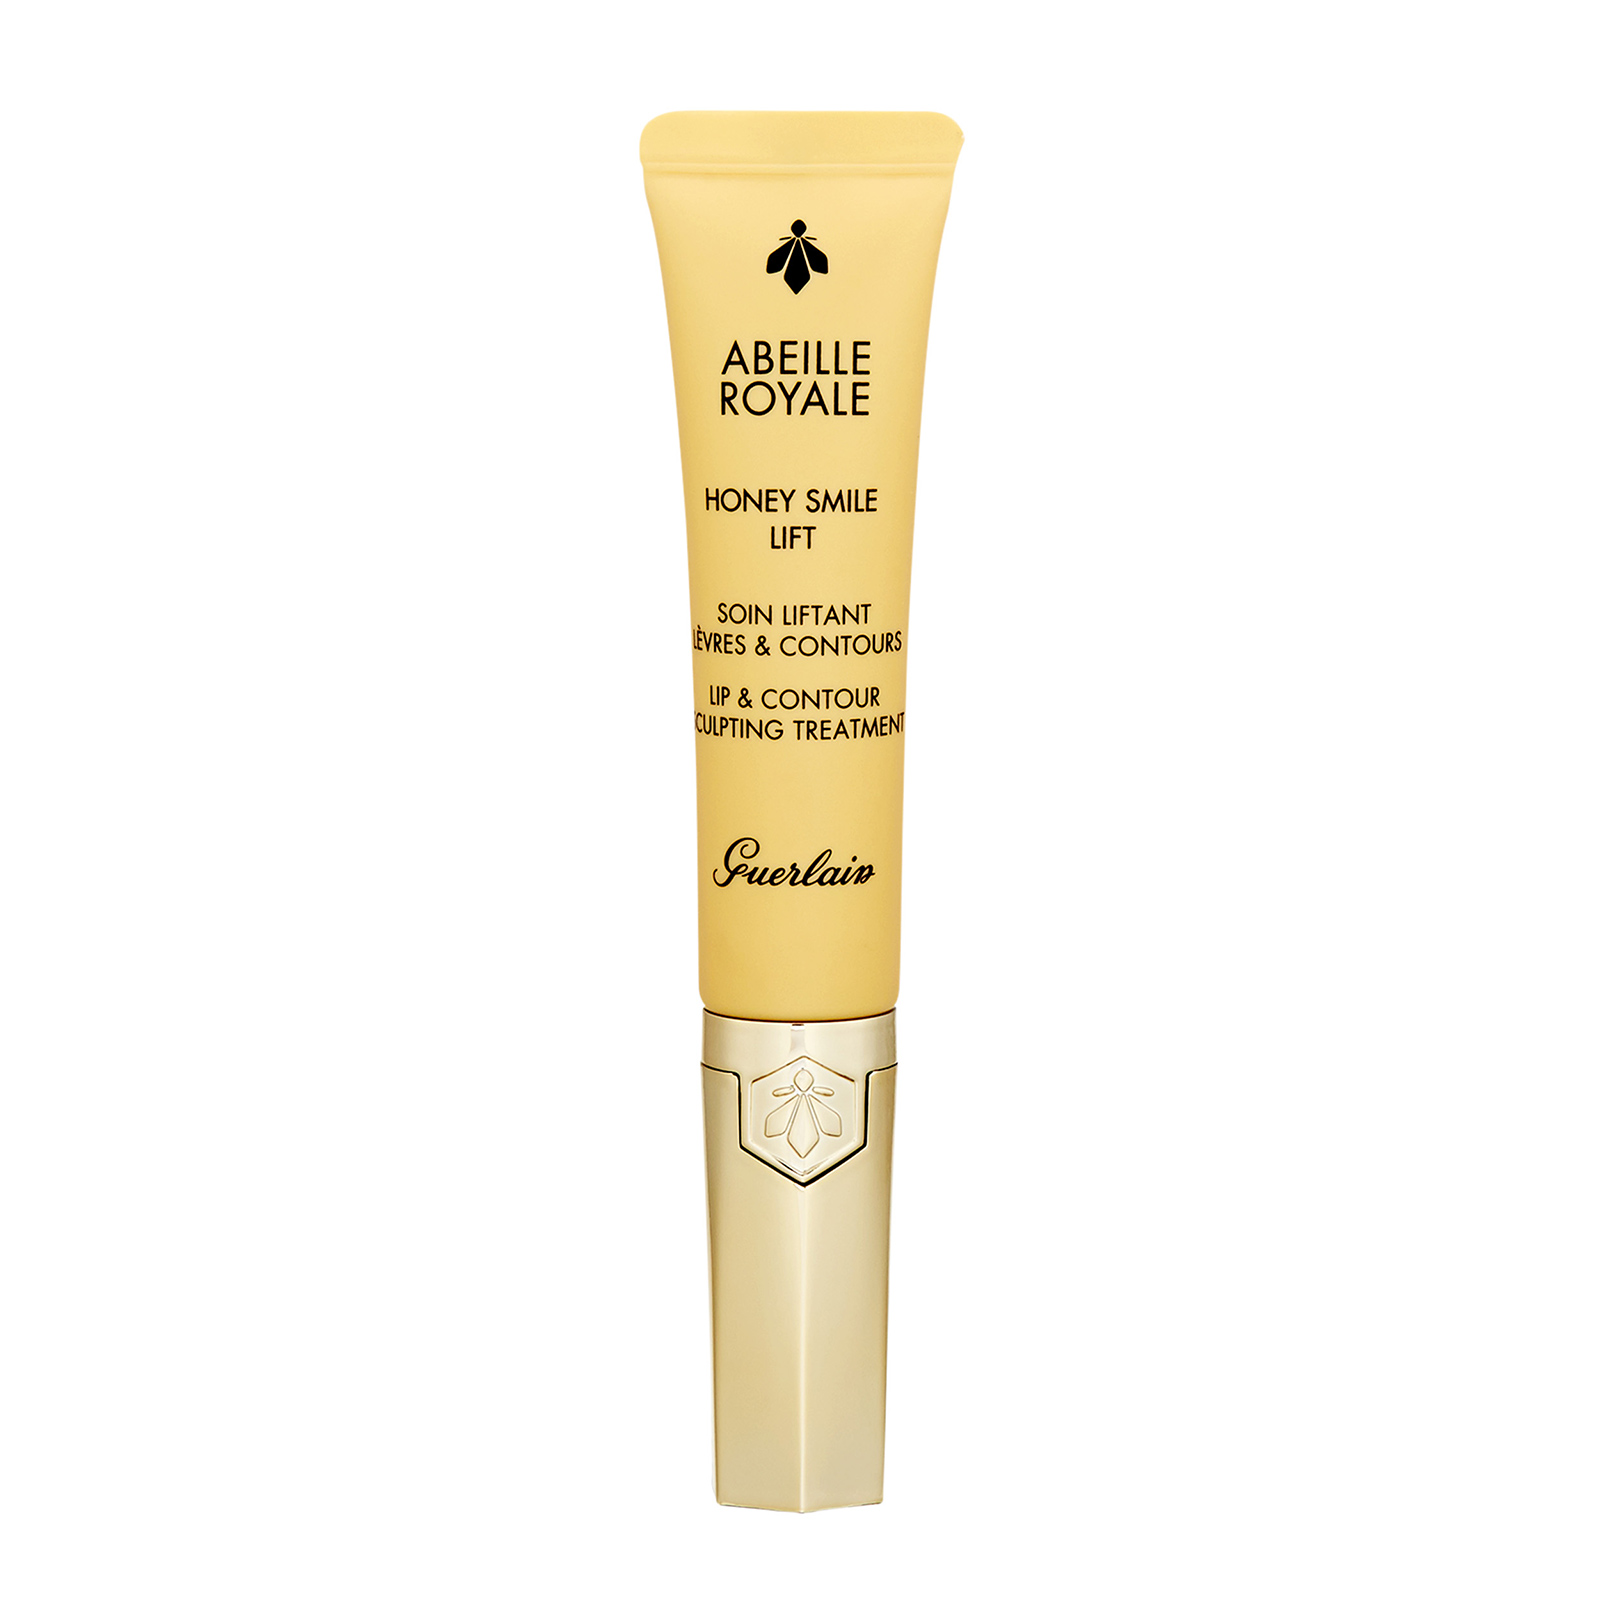 Guerlain Abeille Royale  Honey Smile Lift Lip & Contour Sculpting Treatment 0.5oz, 15ml